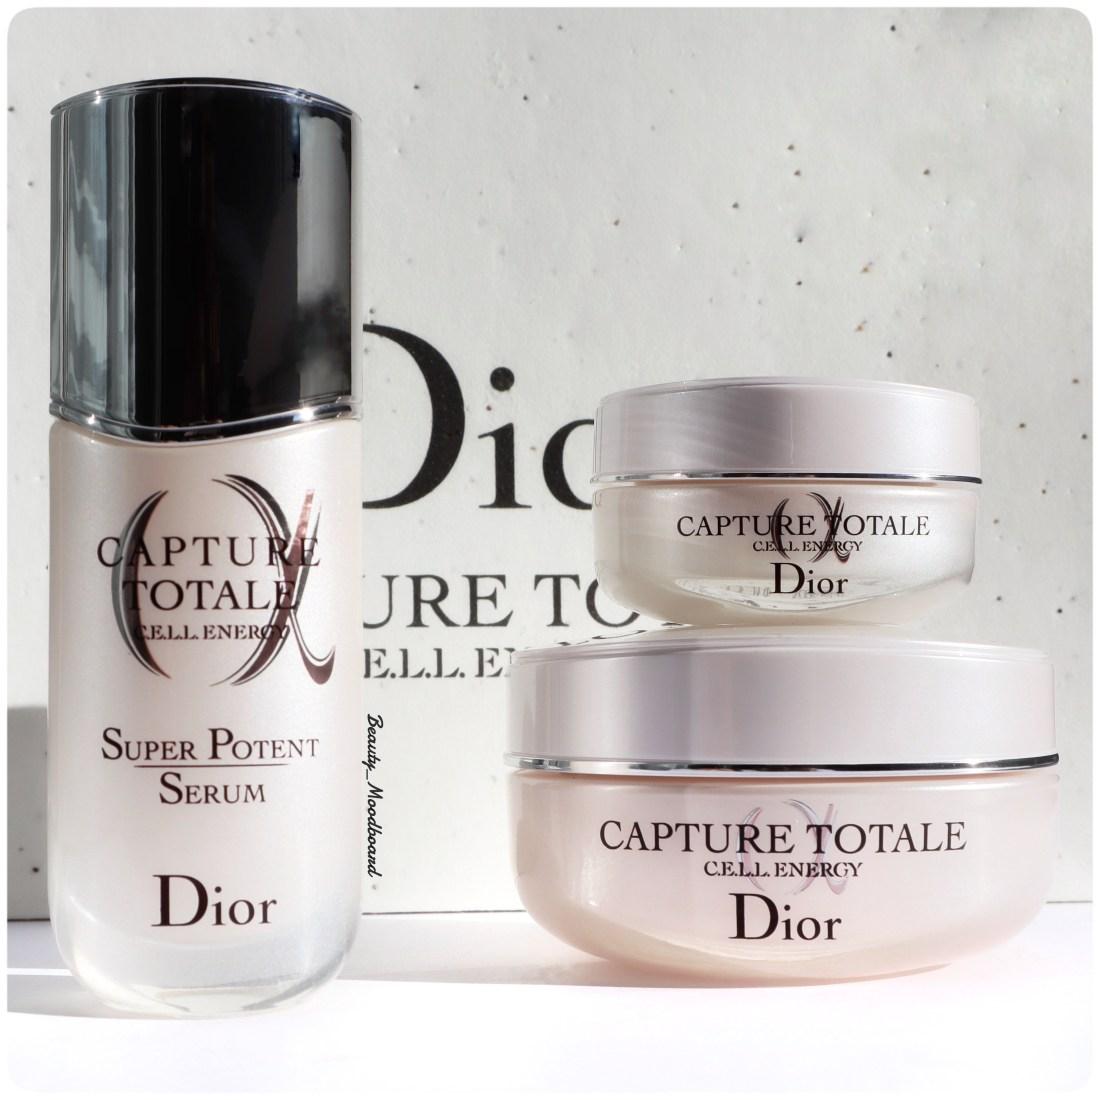 Nouveau soins visage Dior Capture Totale CELL Energy anti-âge global